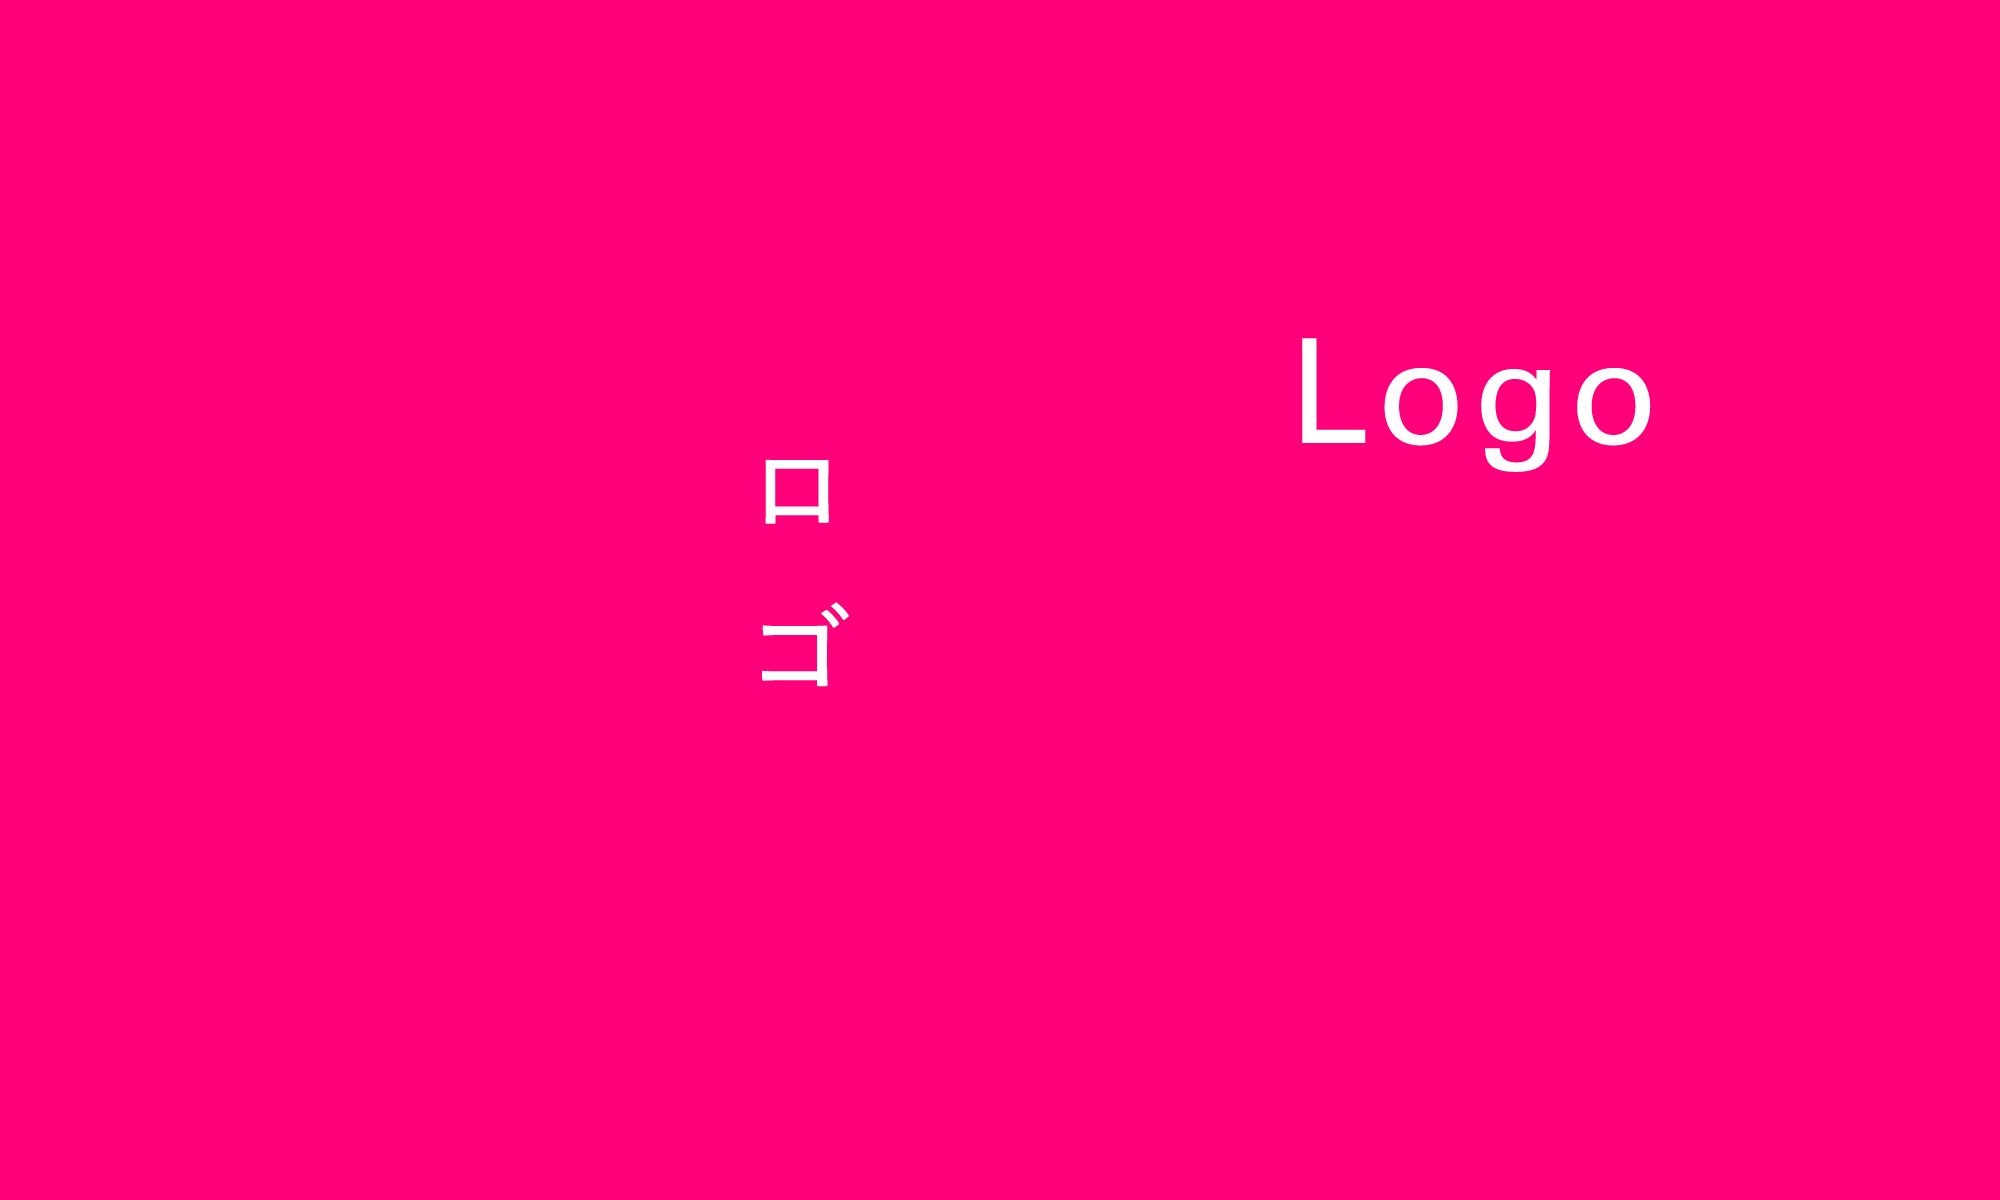 ロゴが変われば文字も変わる。